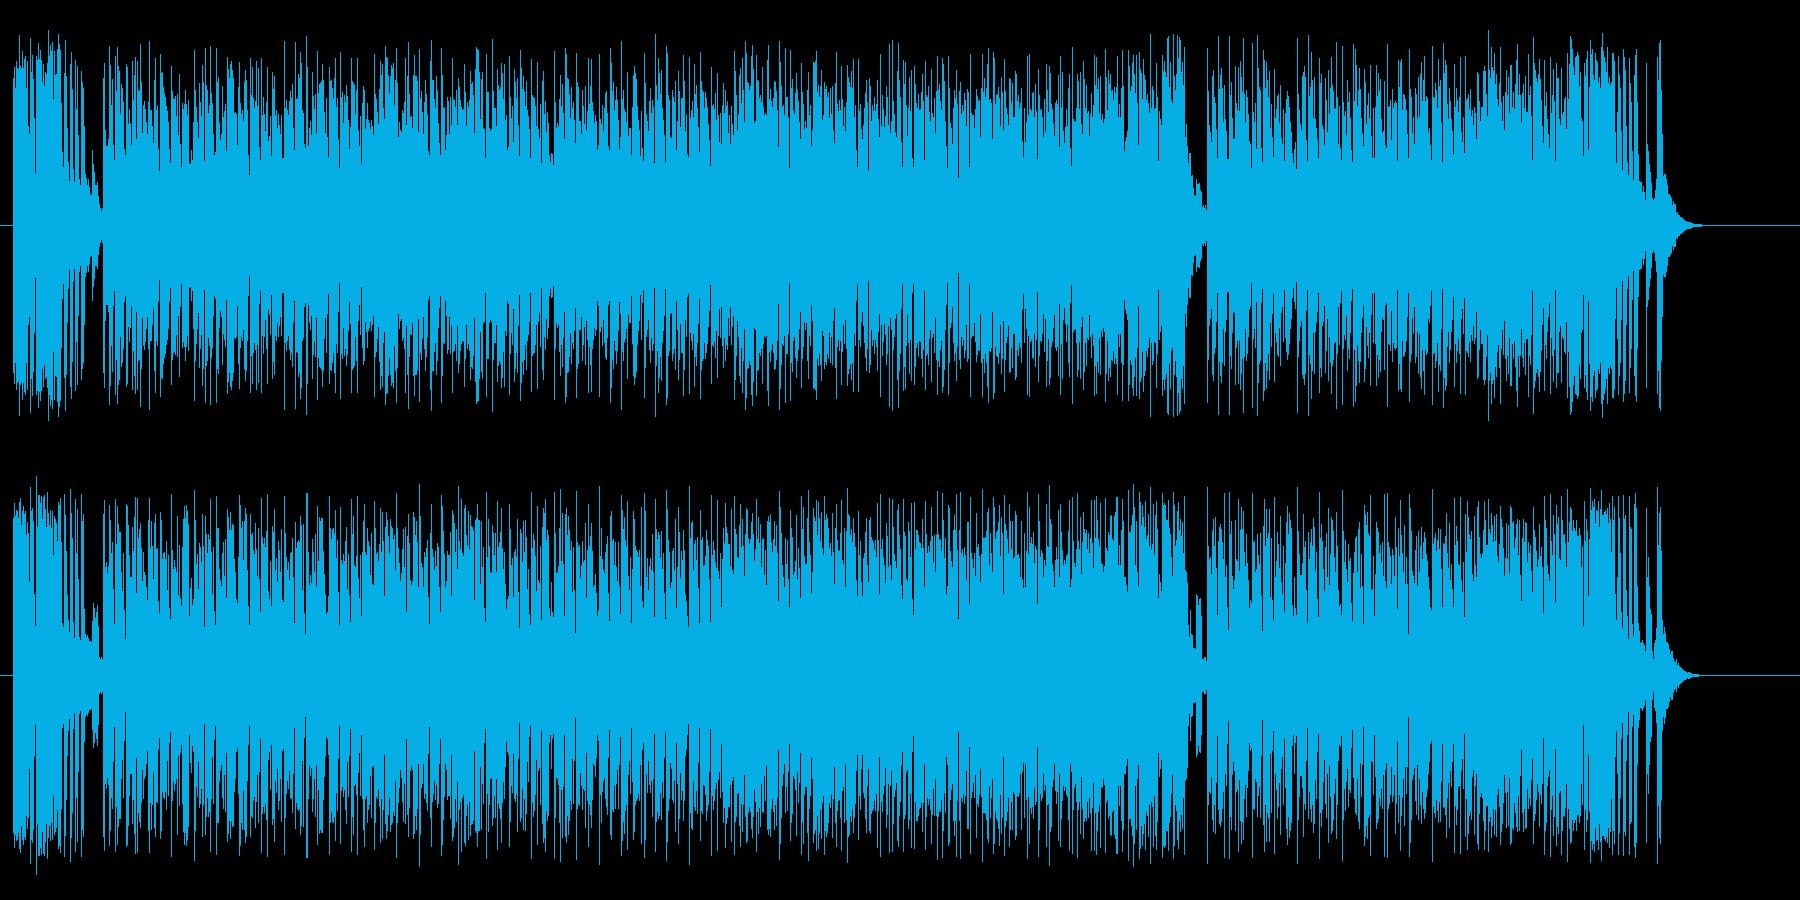 元気で楽しいコミカル・ミュージックの再生済みの波形